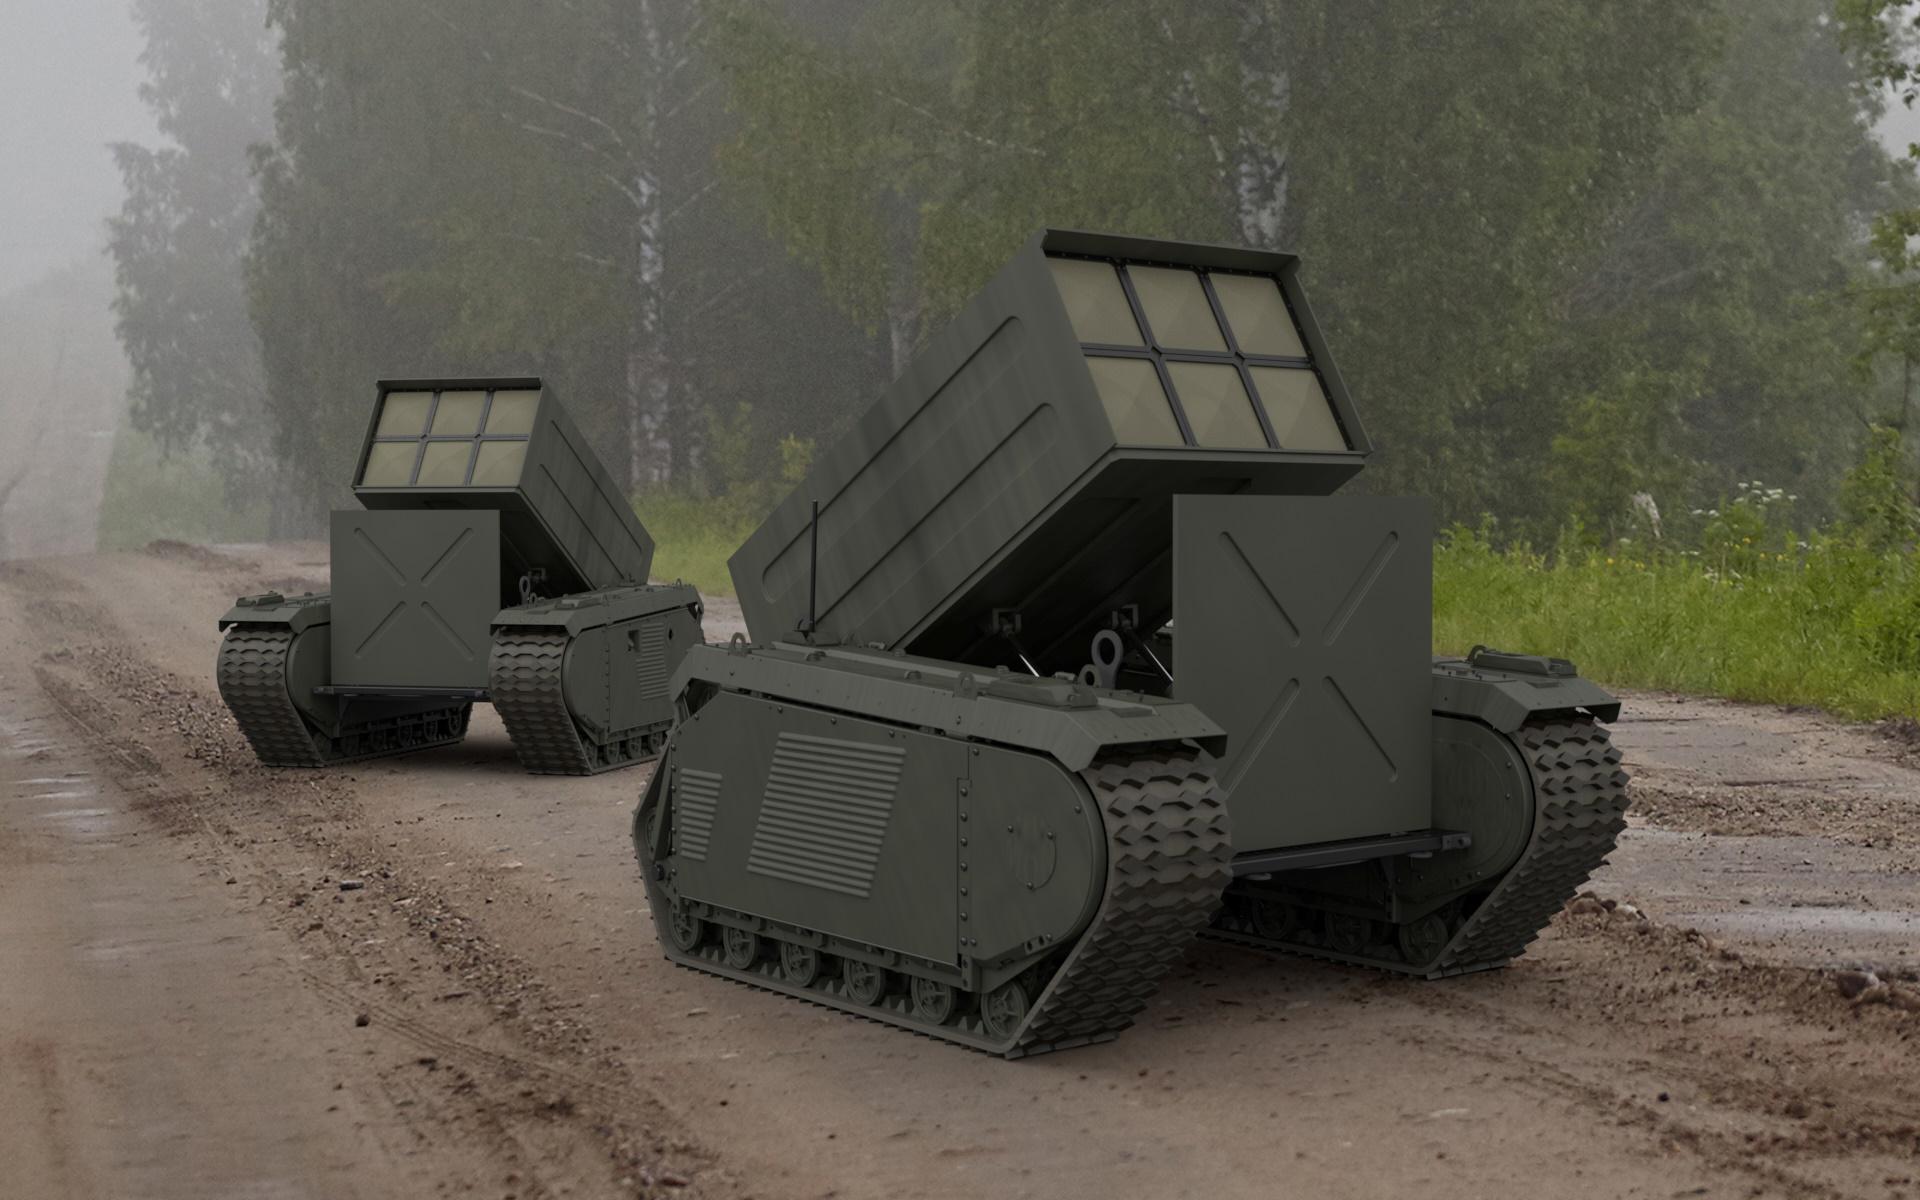 MBDA showcases Brimstone application on Milrem Robotics Unmanned Ground Vehicle